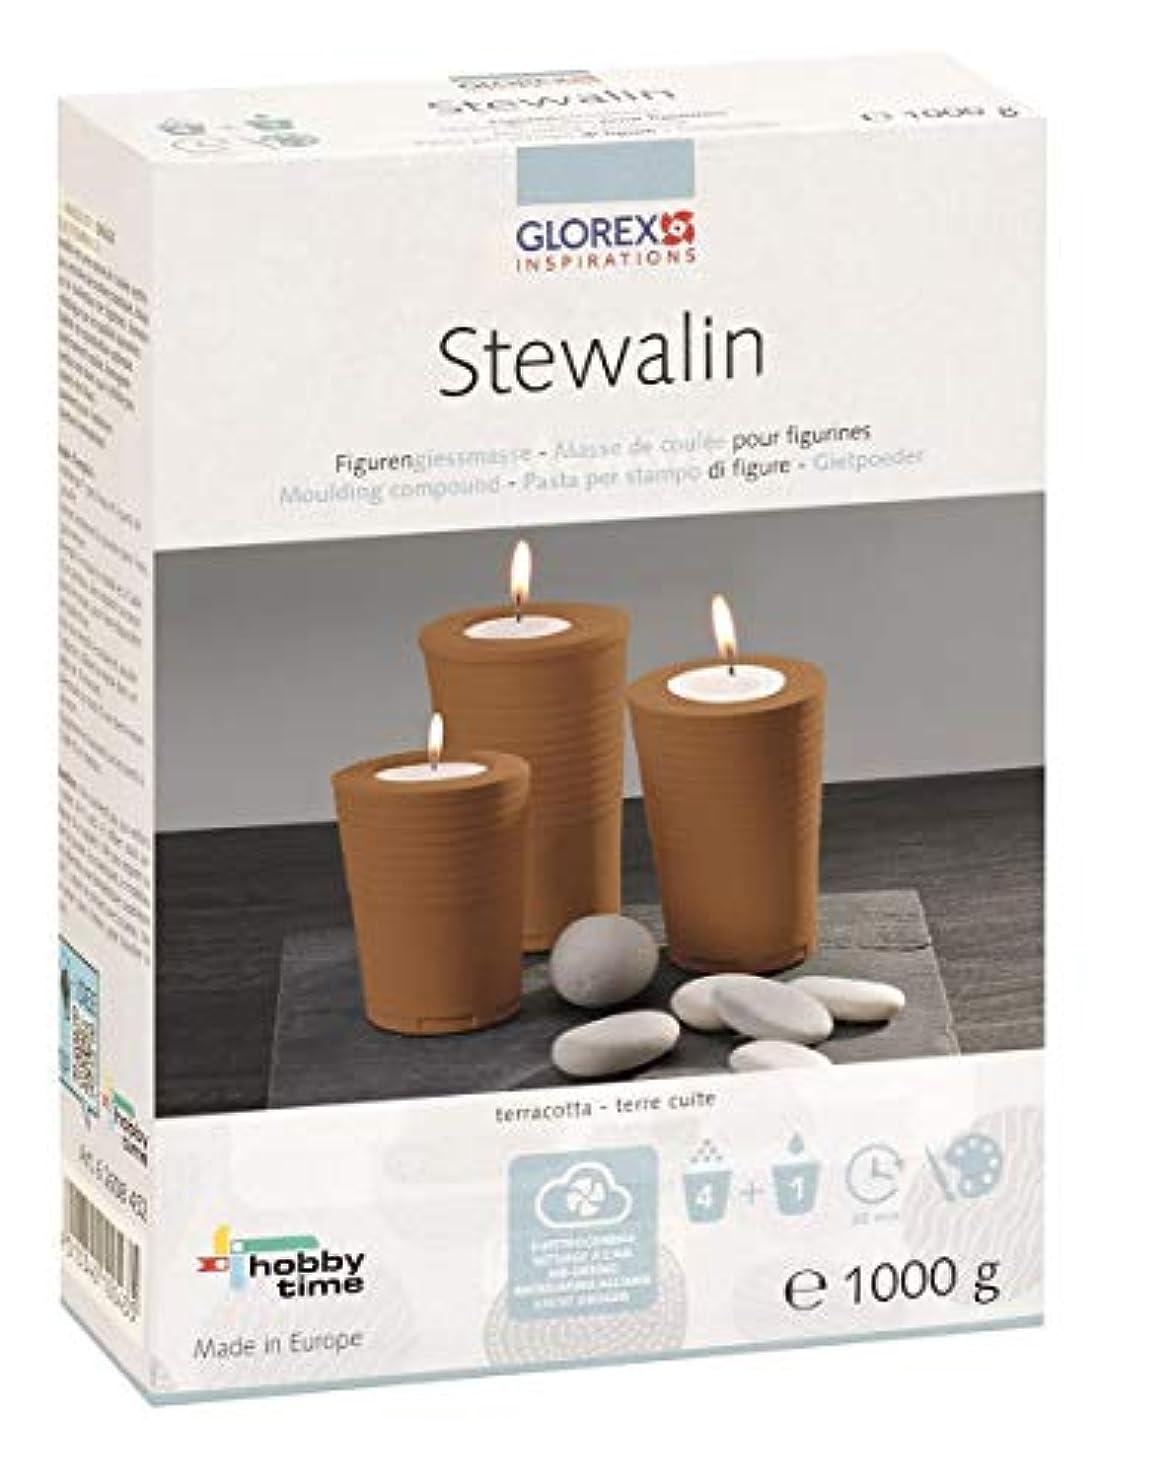 医薬品ツイン貢献Glorex Stewalin、モデルクレイ、テラコッタ、18 x 13.4 X 5.4 CMです